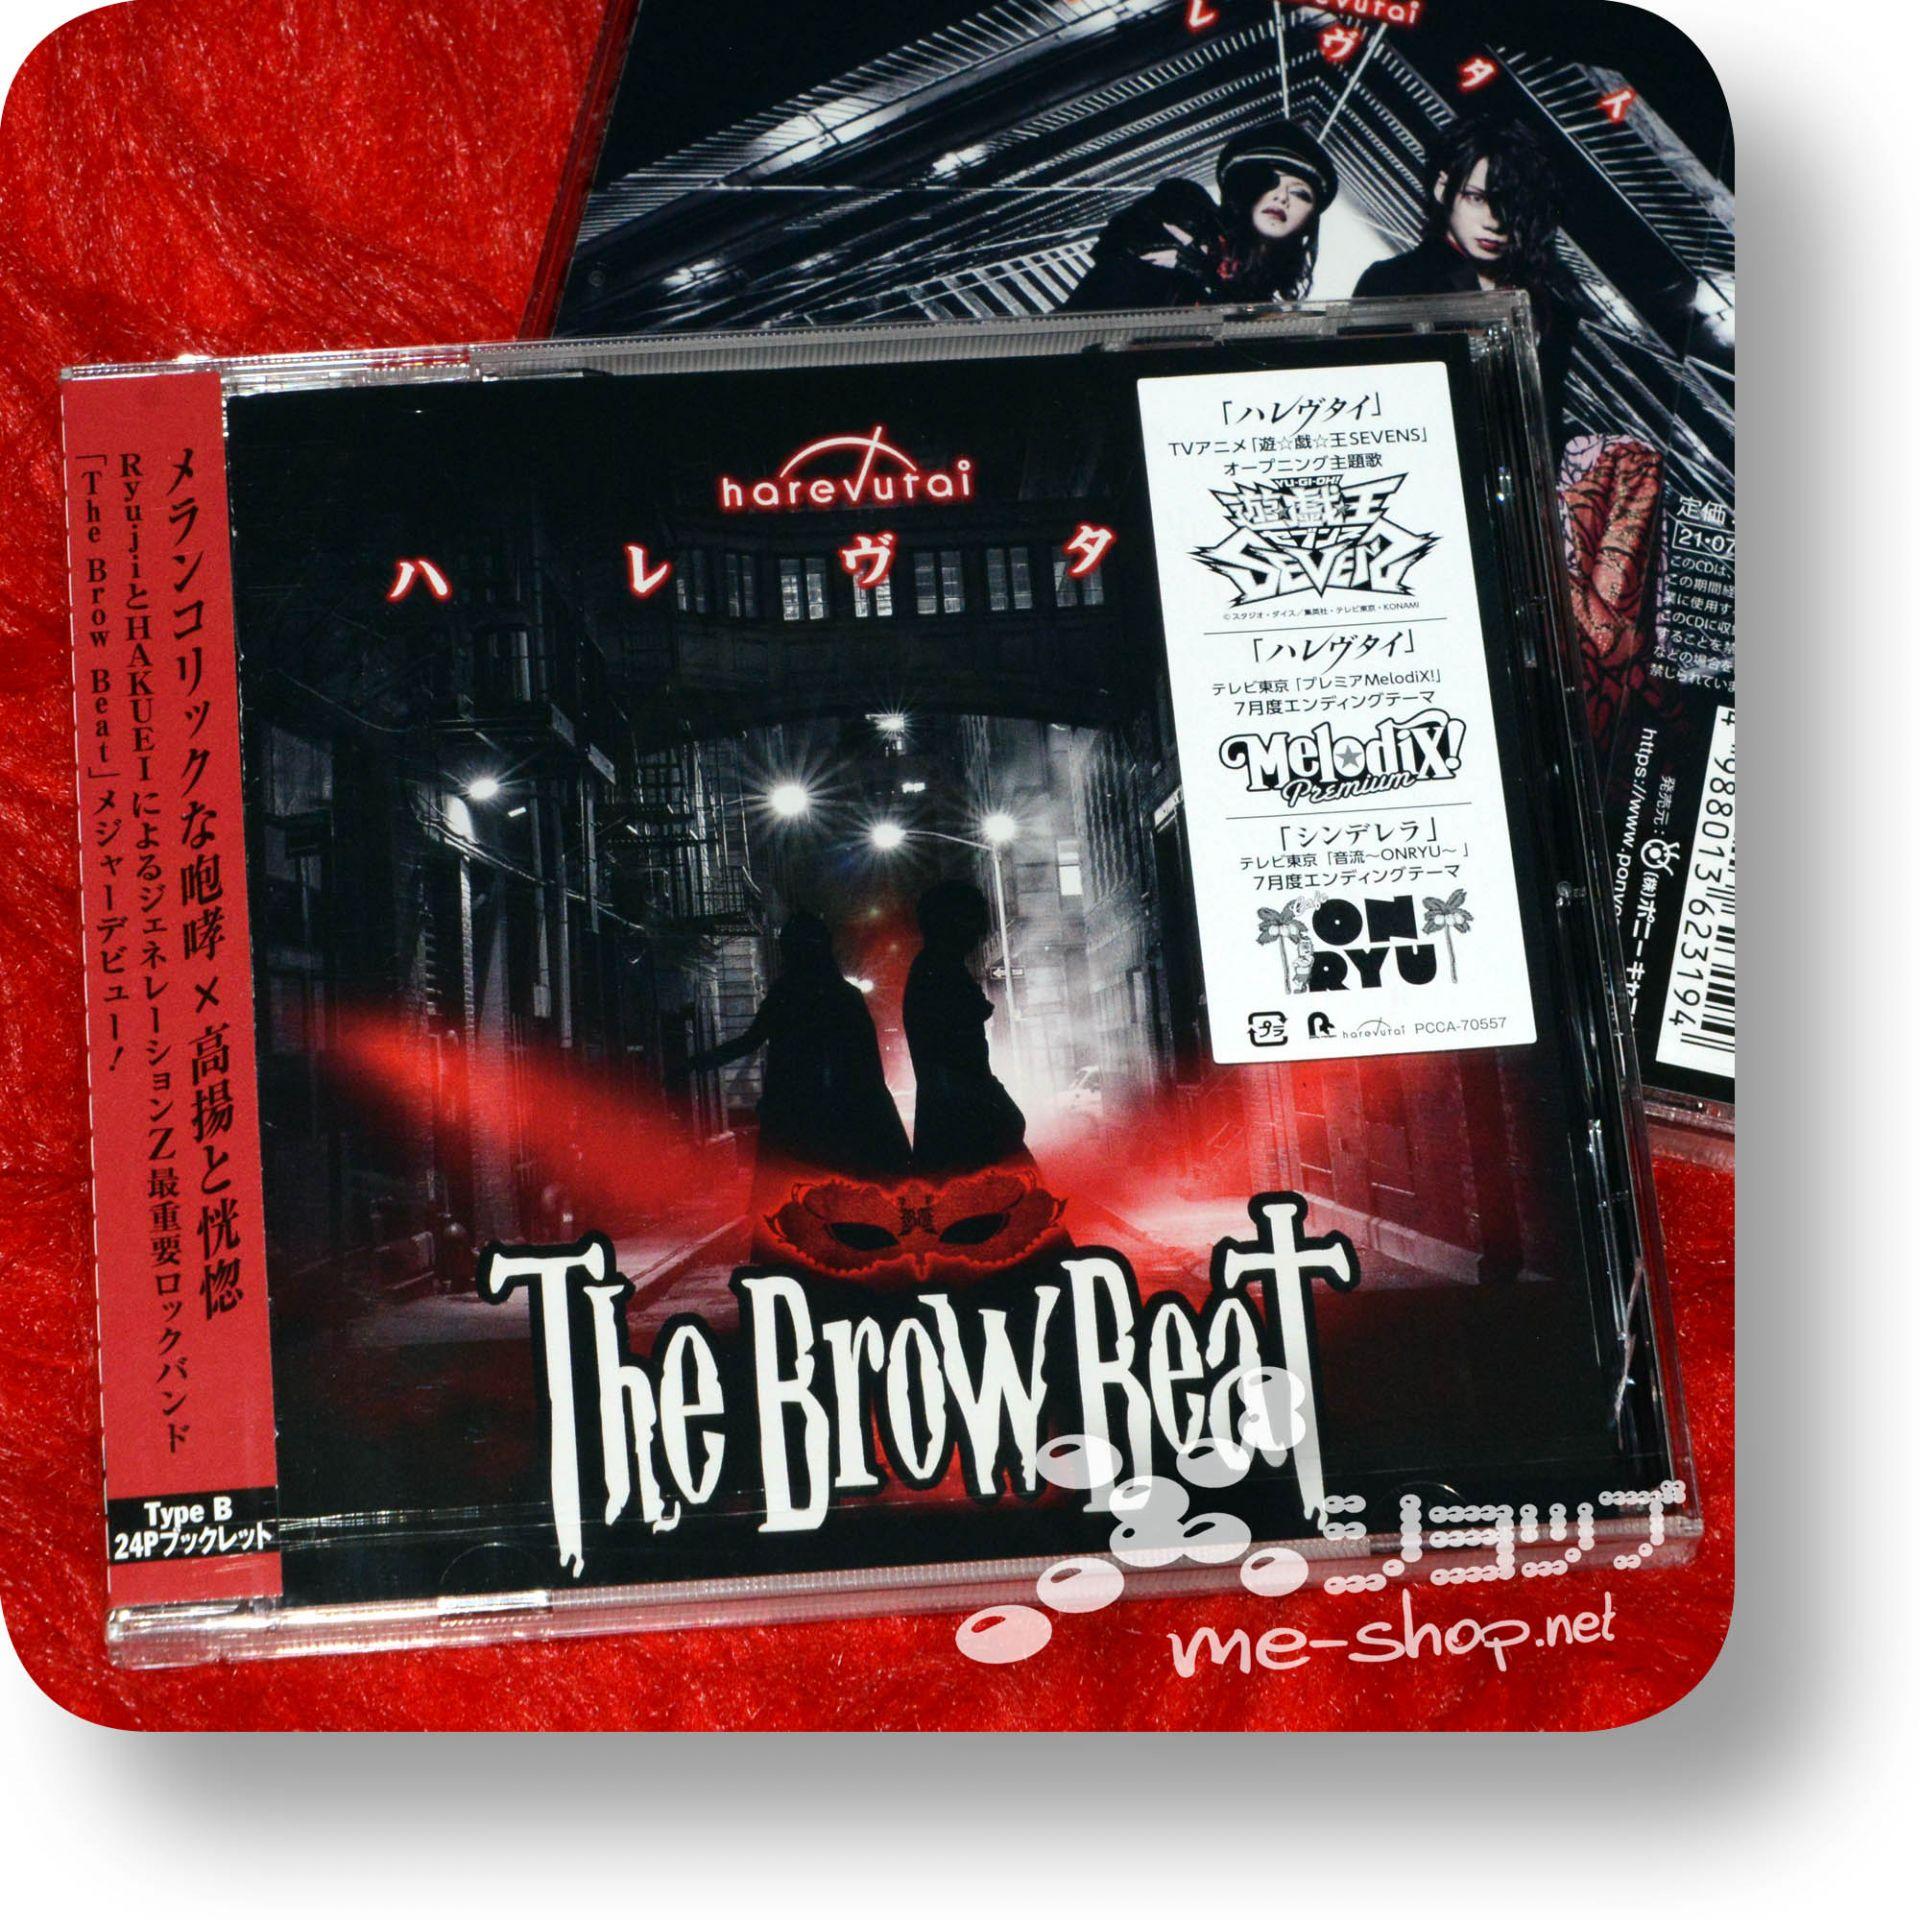 the brow beat harevutai b